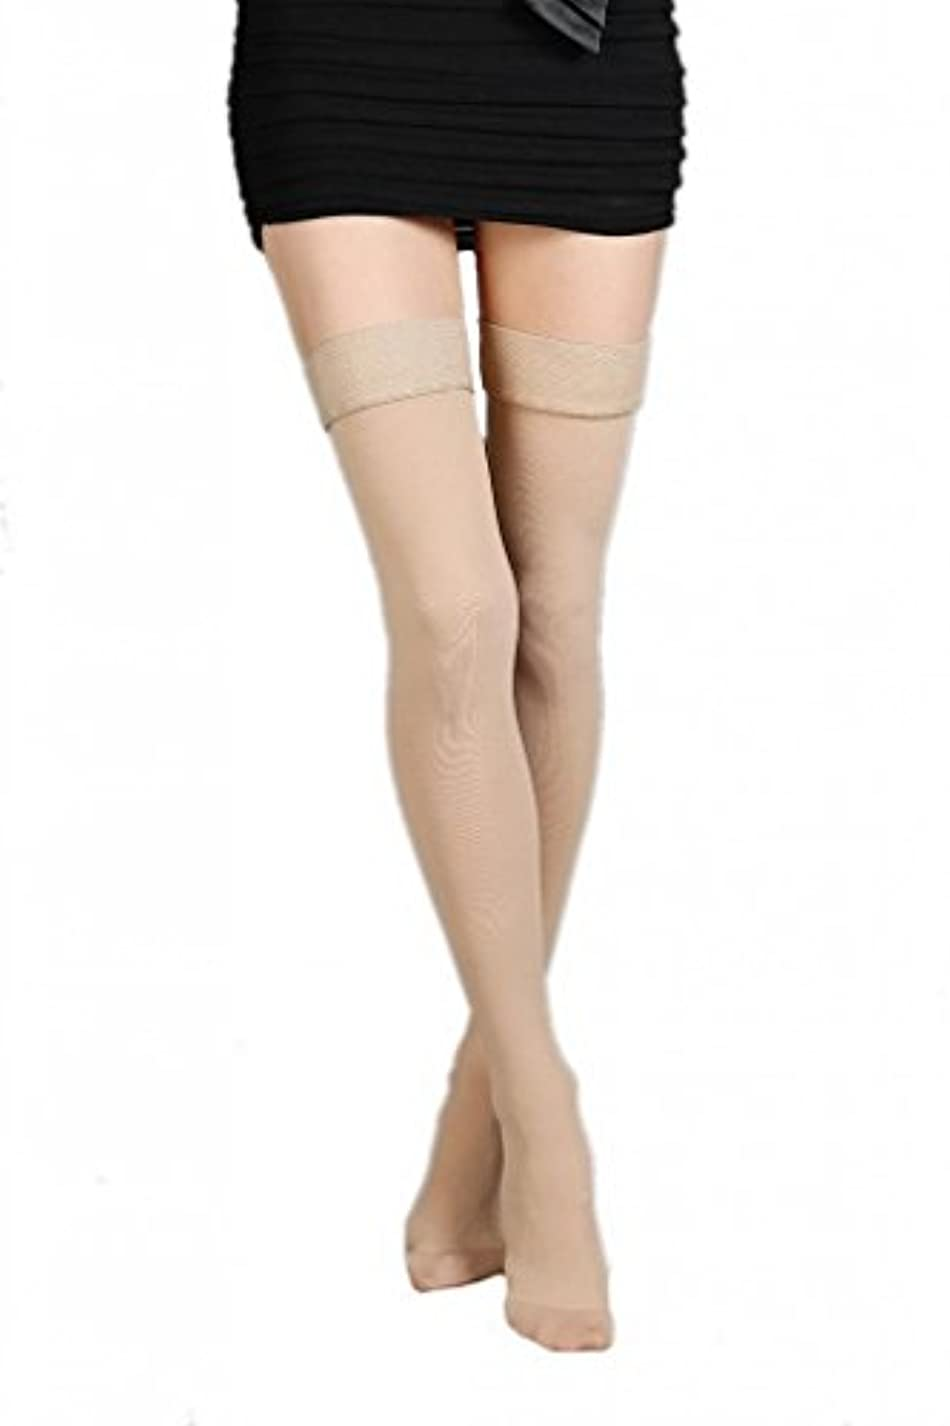 デジタルドループ増幅器(ラボーグ)La Vogue 美脚 着圧オーバーニーソックス ハイソックス 靴下 弾性ストッキング つま先あり着圧ソックス M 1級低圧 肌色